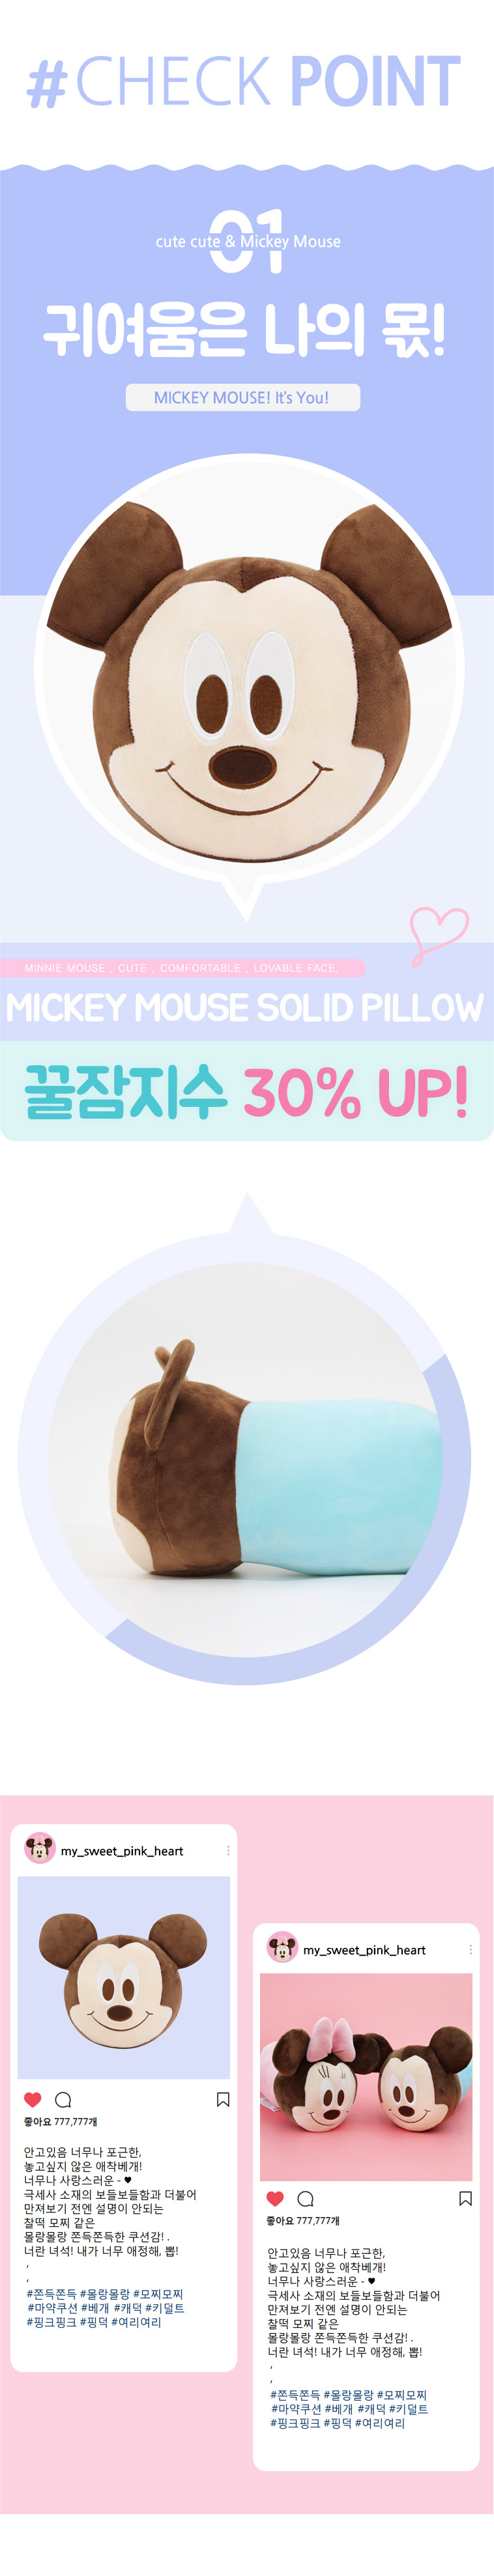 미키 소프트 입체베개 - 나라홈데코, 14,900원, 쿠션, 캐릭터